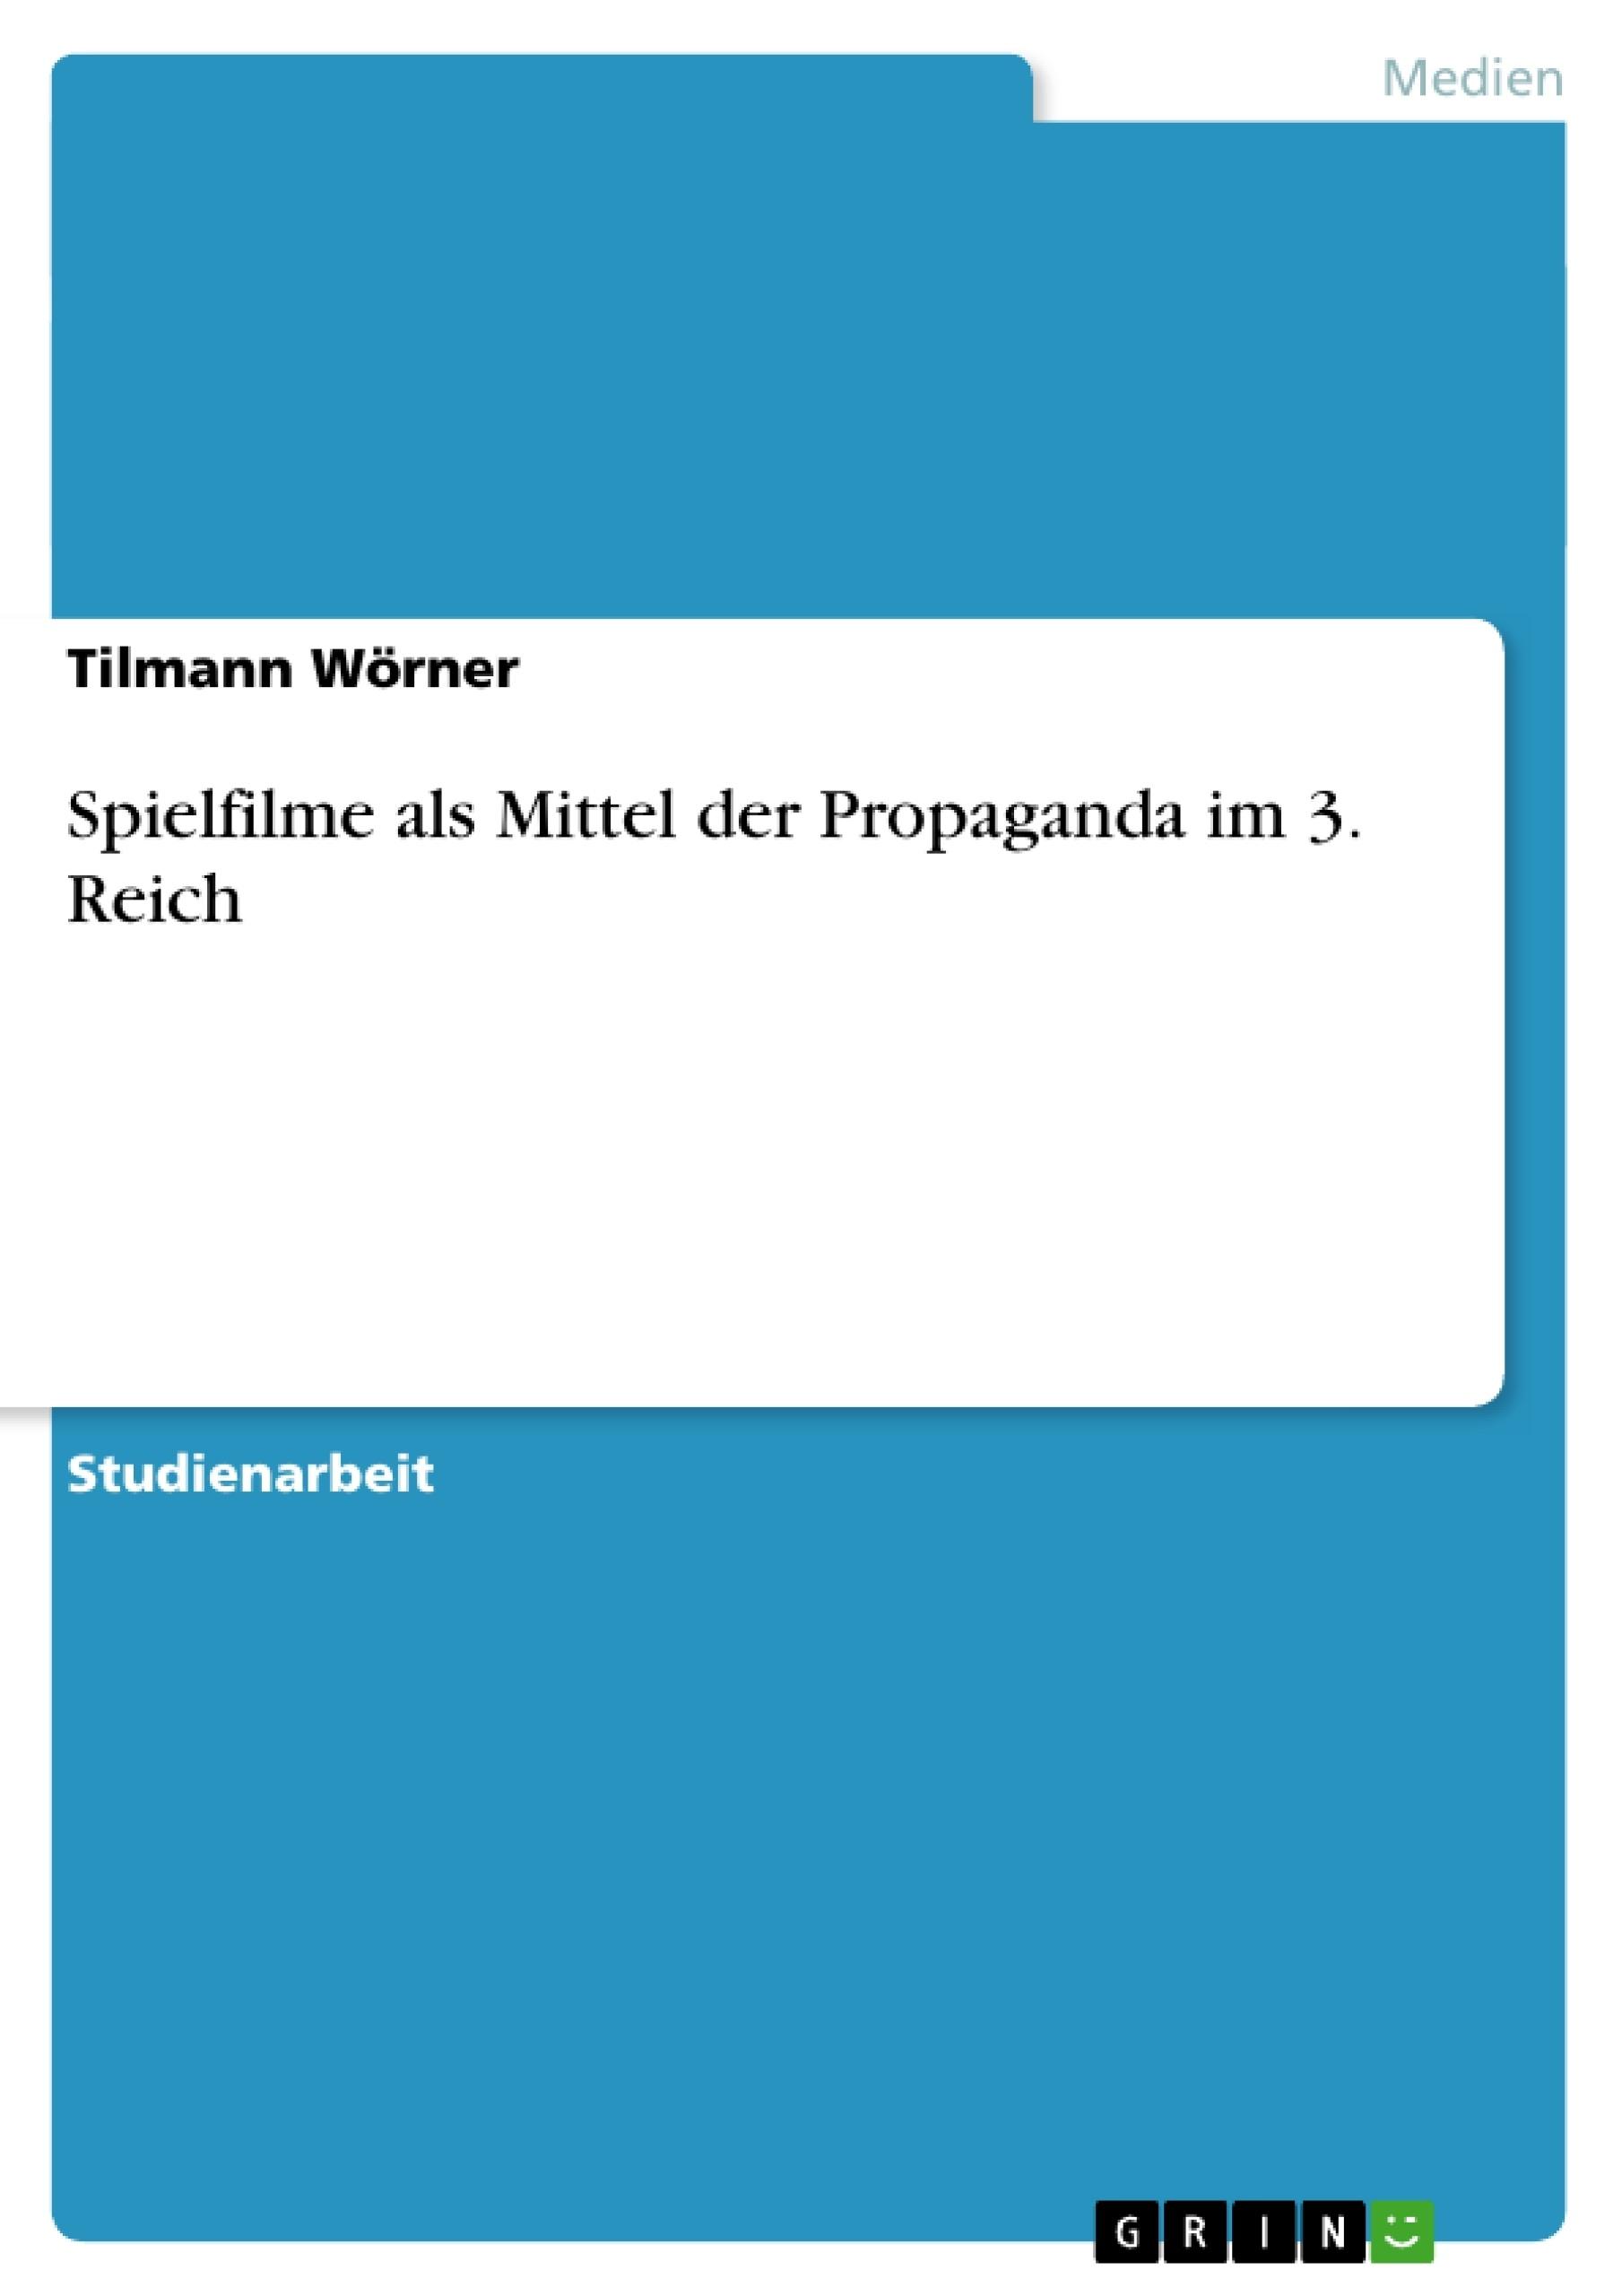 Titel: Spielfilme als Mittel der Propaganda im 3. Reich